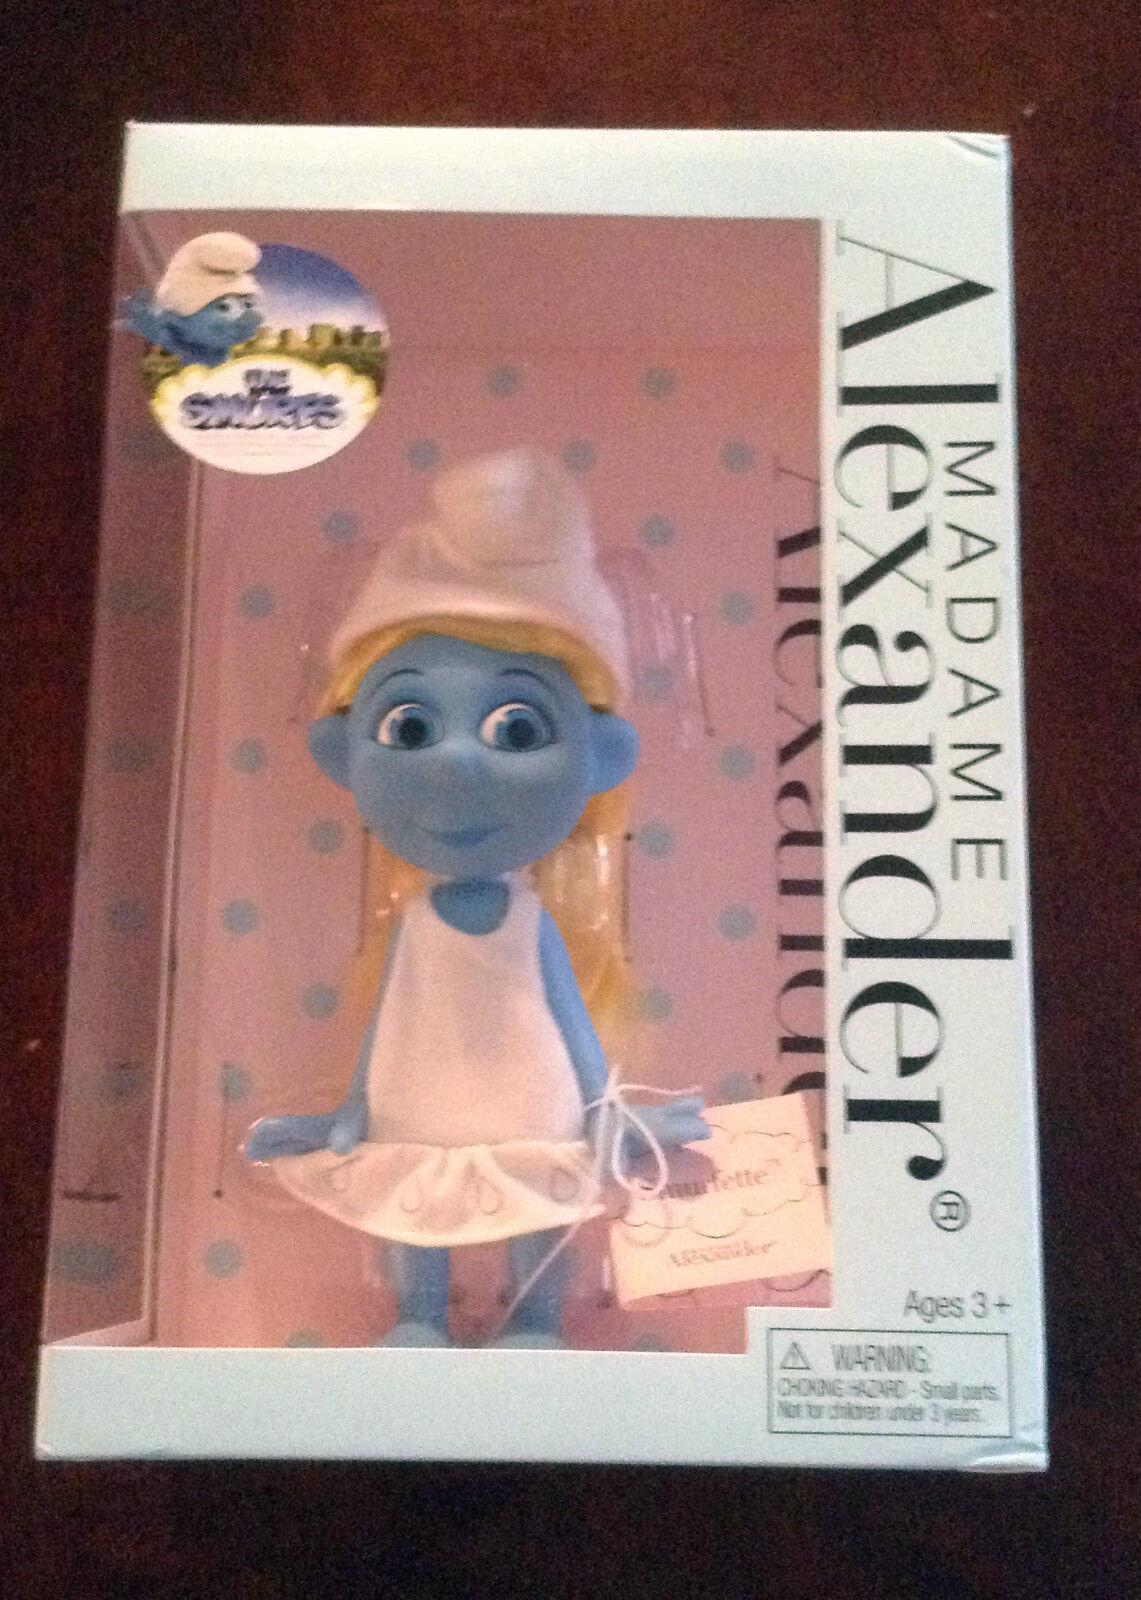 2012 Spring edizione Madame  Alexeer Smurfs Smurfette bambola RARE Collectible  goditi il 50% di sconto